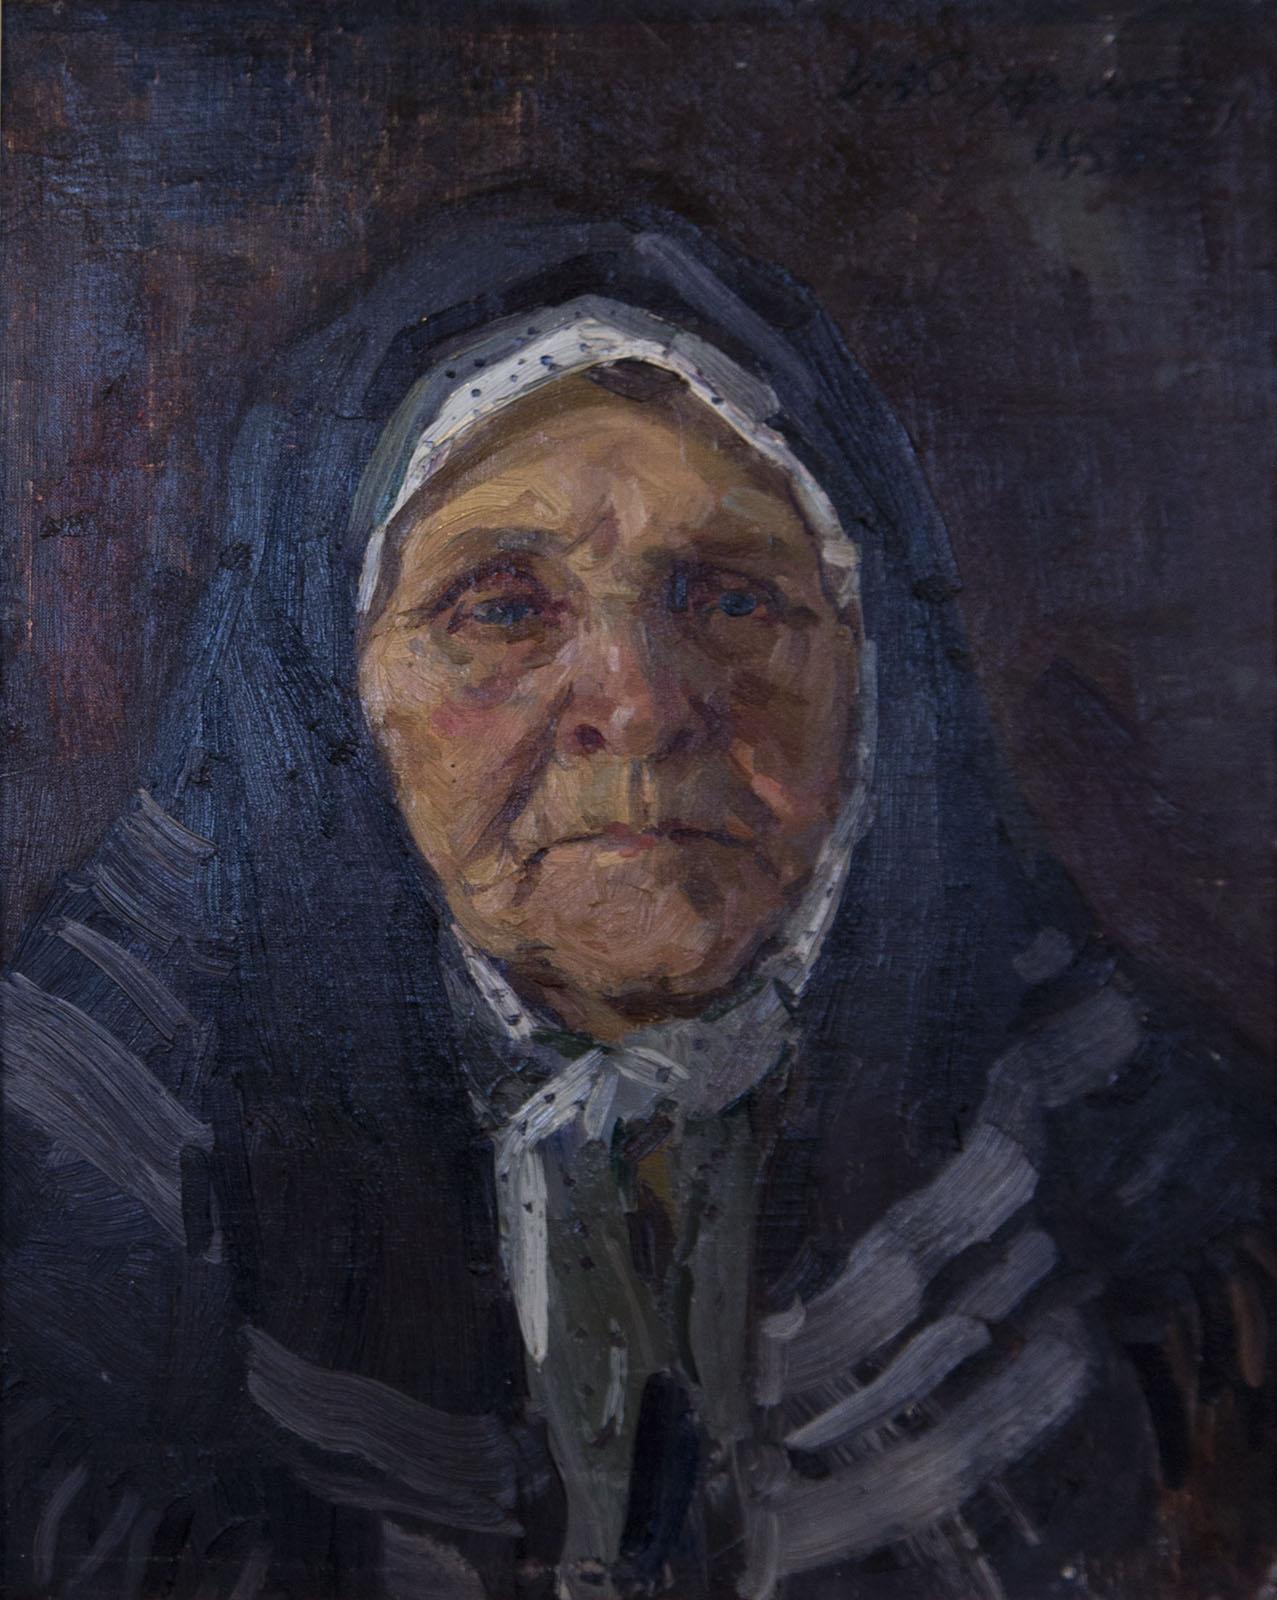 Фото №75691. Портрет матери, 1958, холст, масло